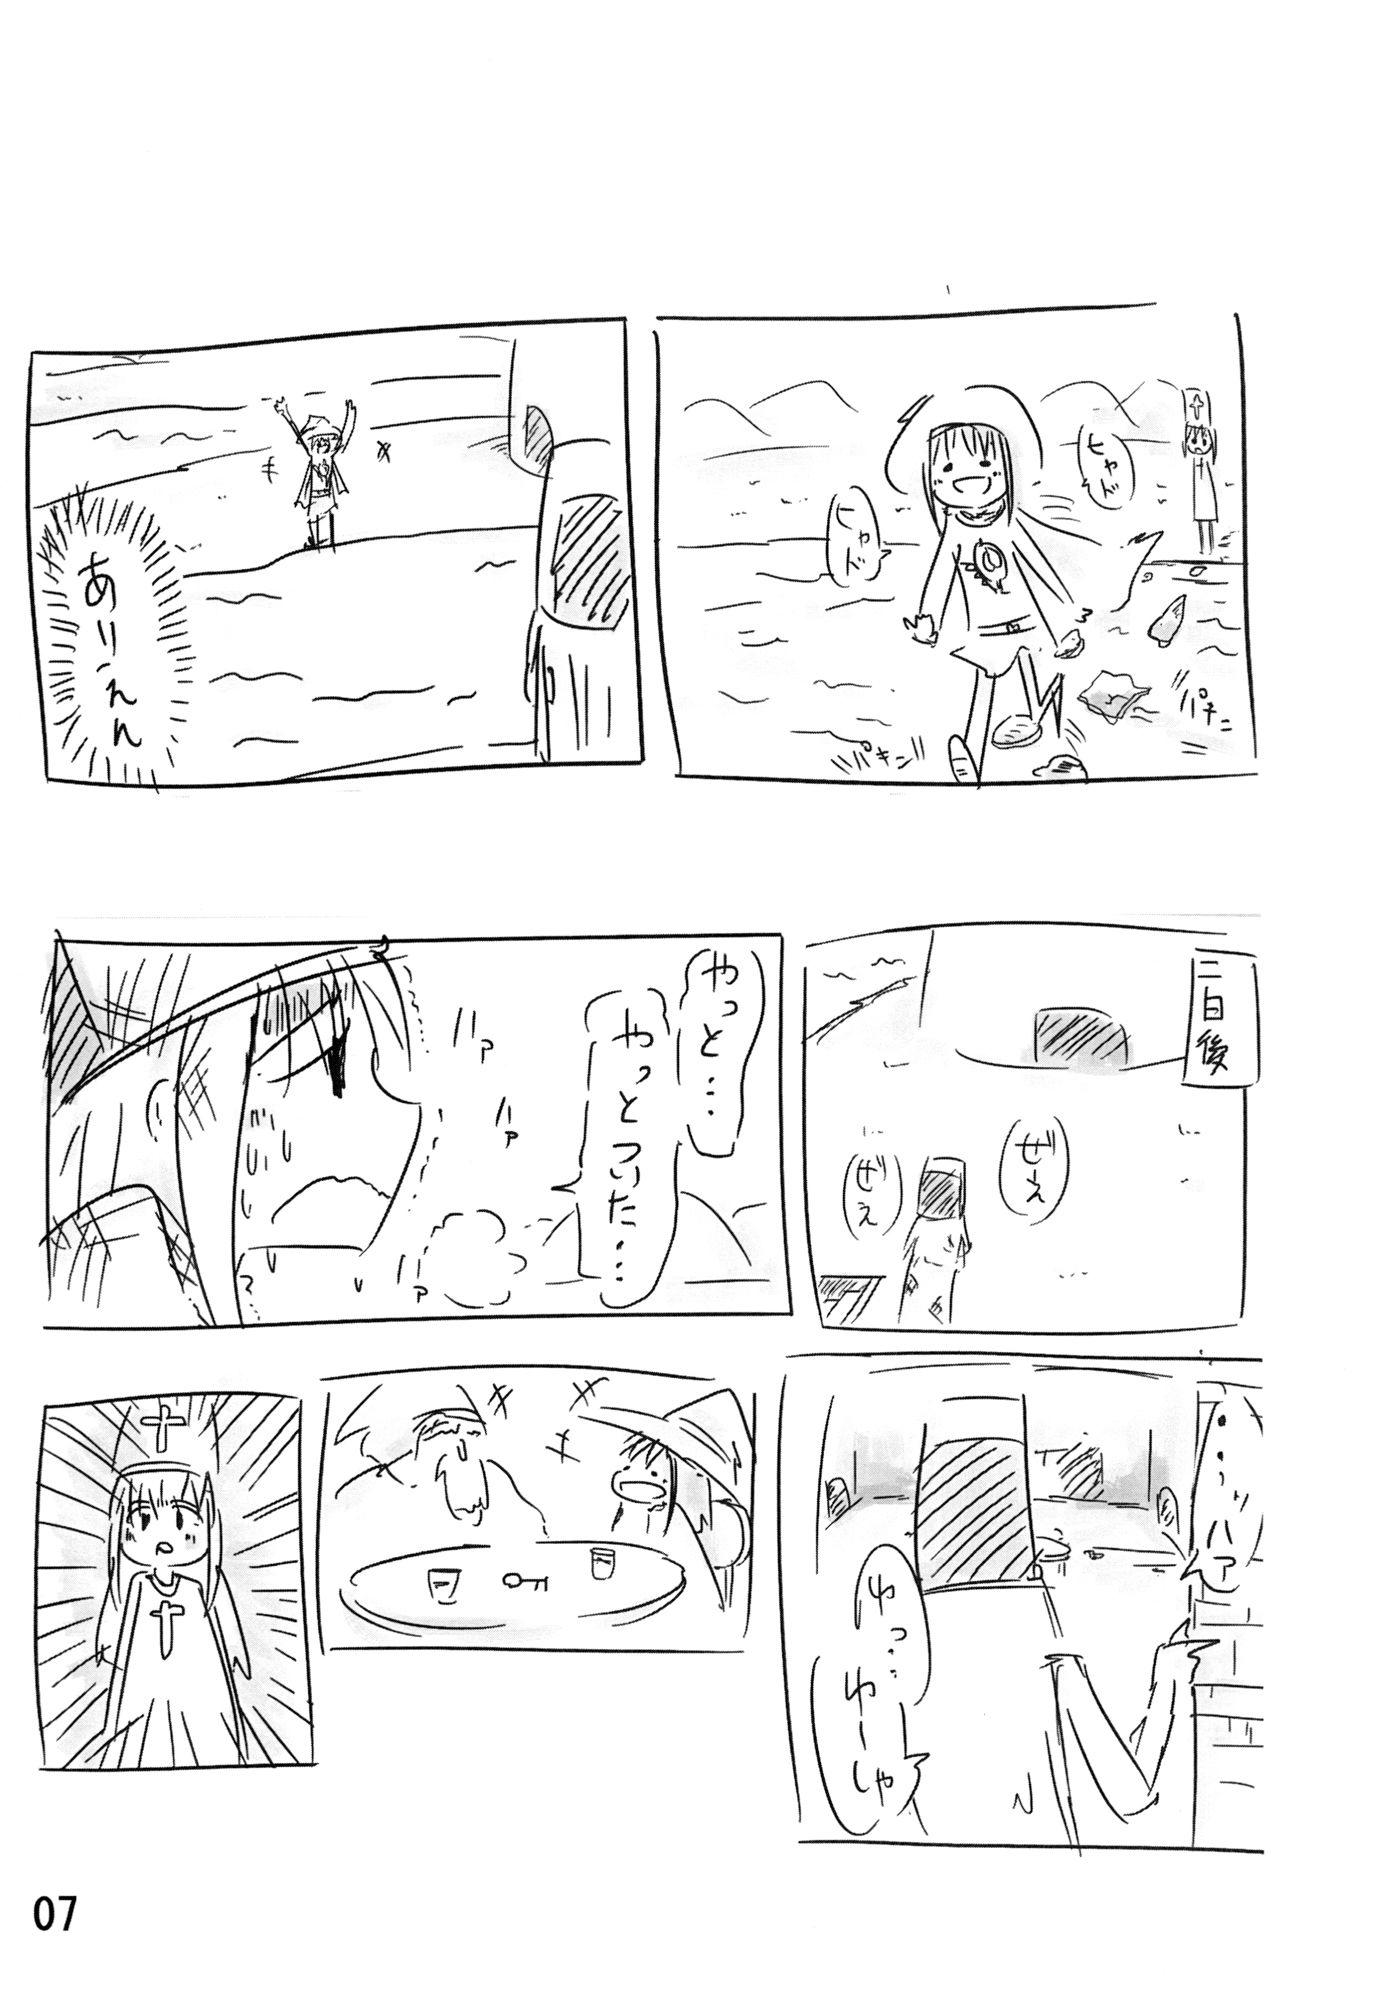 ドラクエ3の僧侶の日記があった(直立まな板)